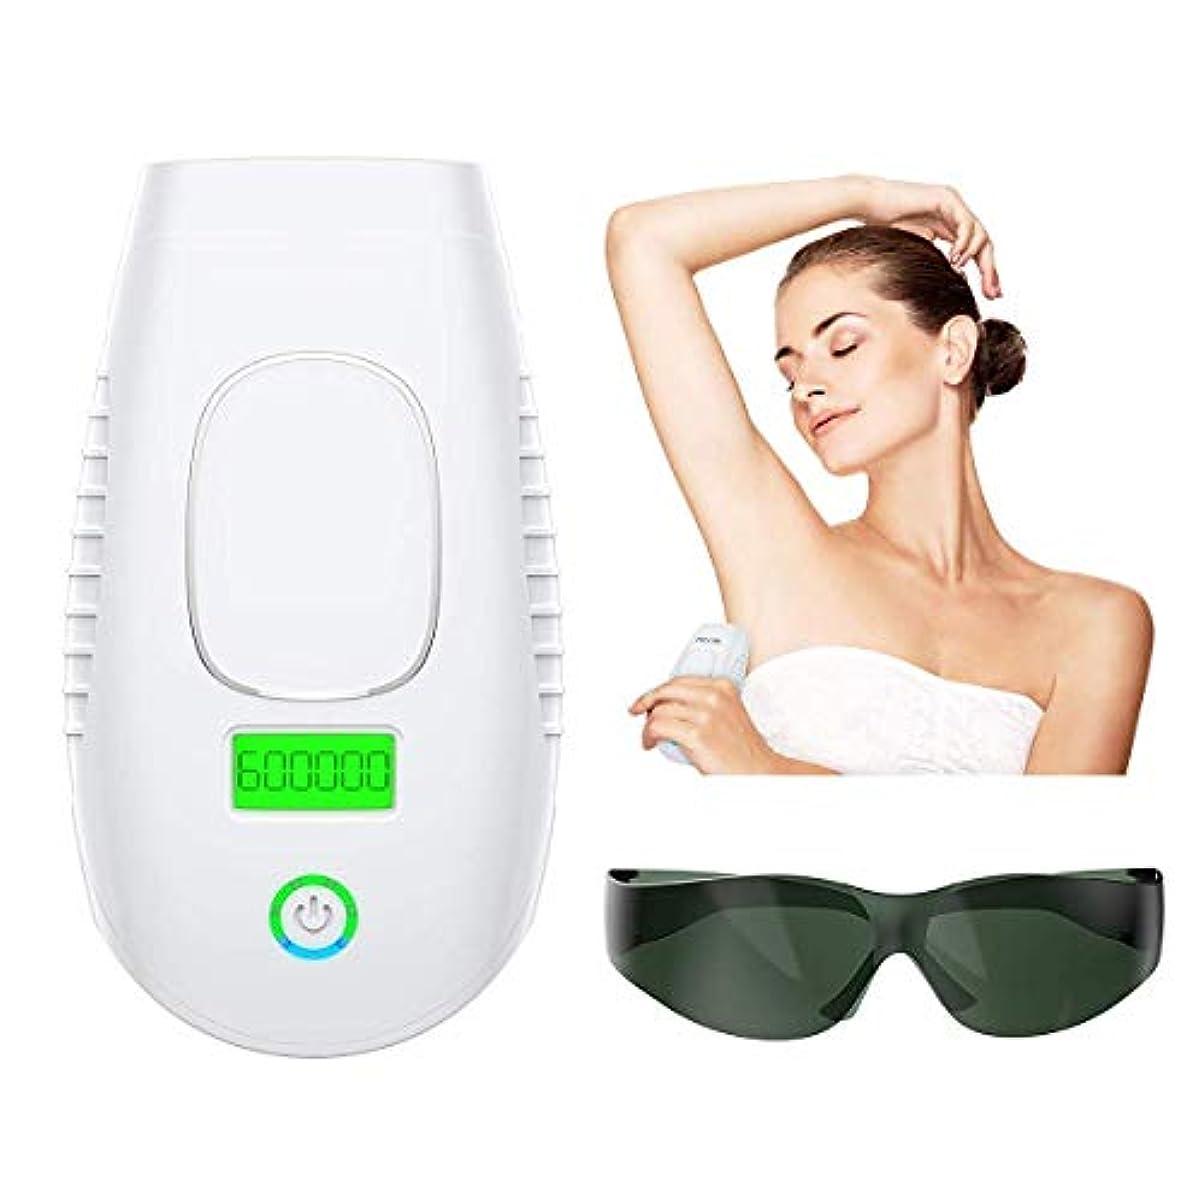 田舎保存空気パーマネントヘアリムーバルIPL 6システムデバイス600,000回点滅家庭用電気シェーバー-男性と女性の無痛の体の脚の脱毛